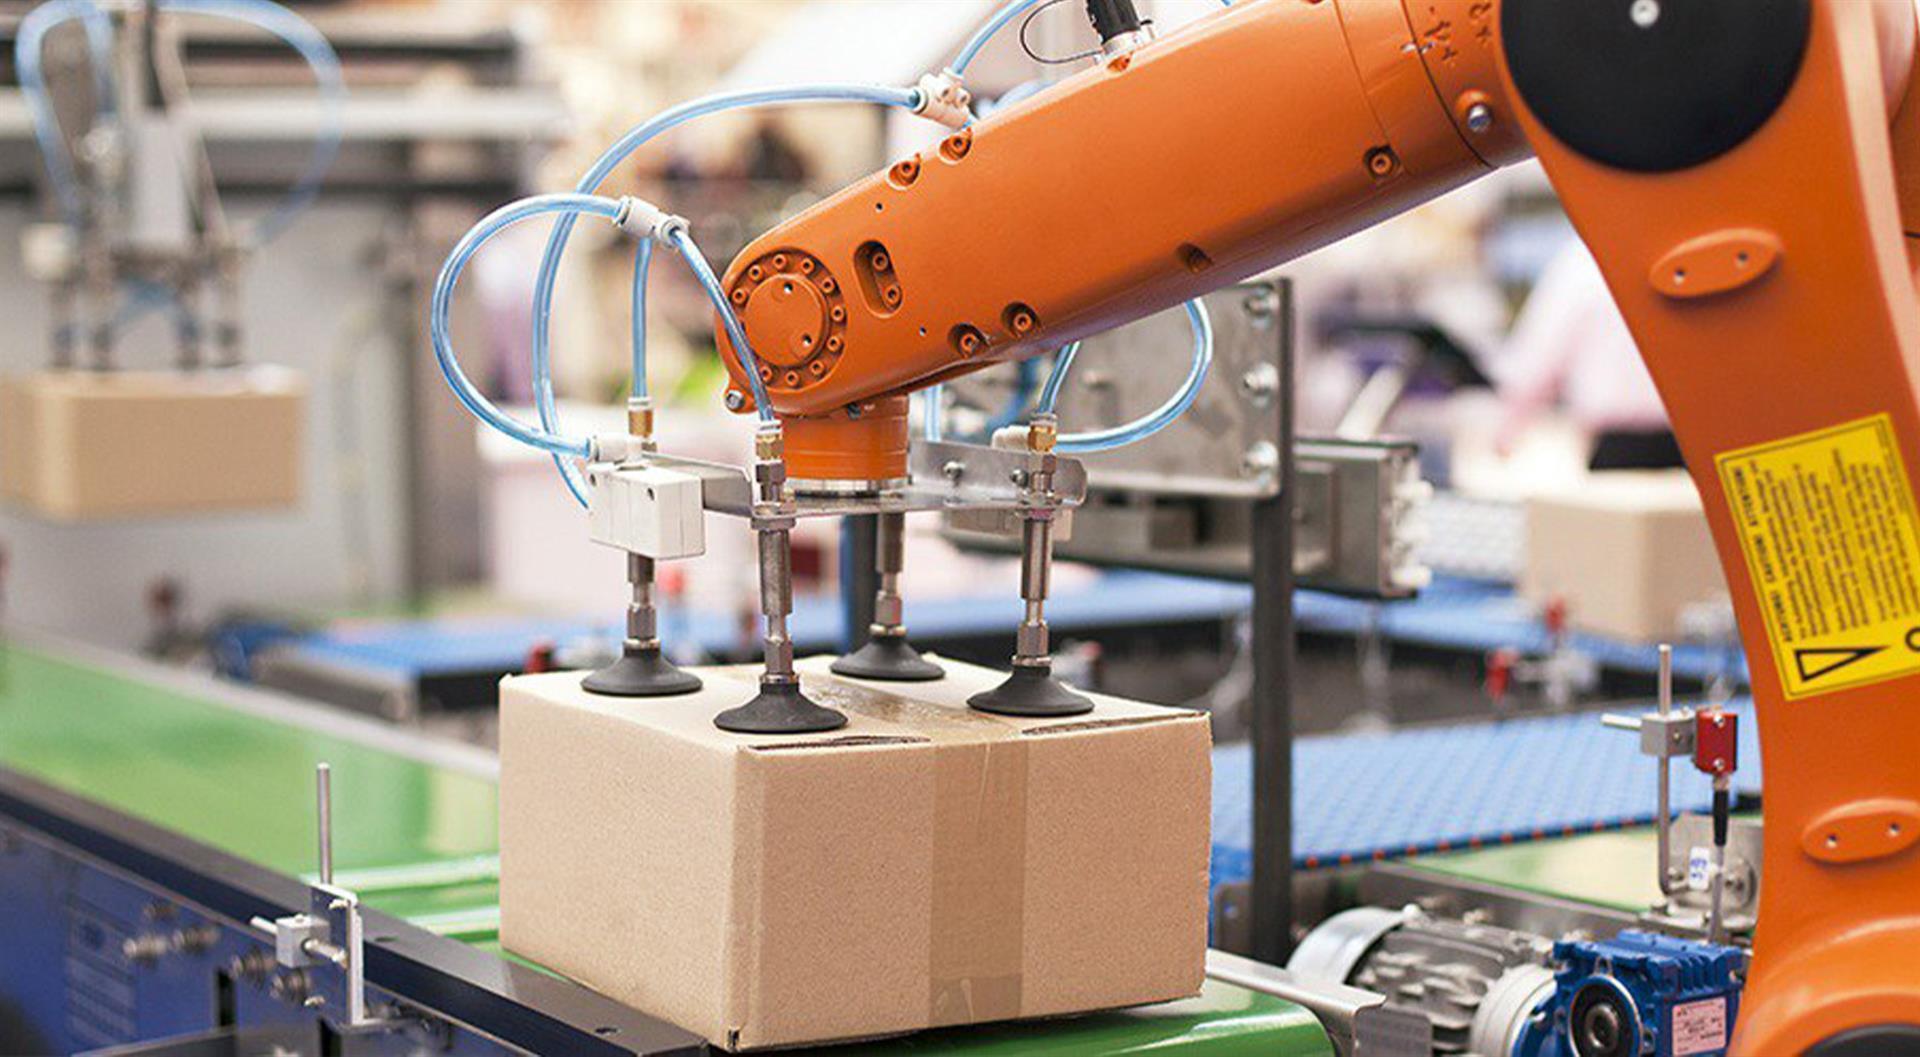 tyhjiögeneraattori pakkausteollisuudelle